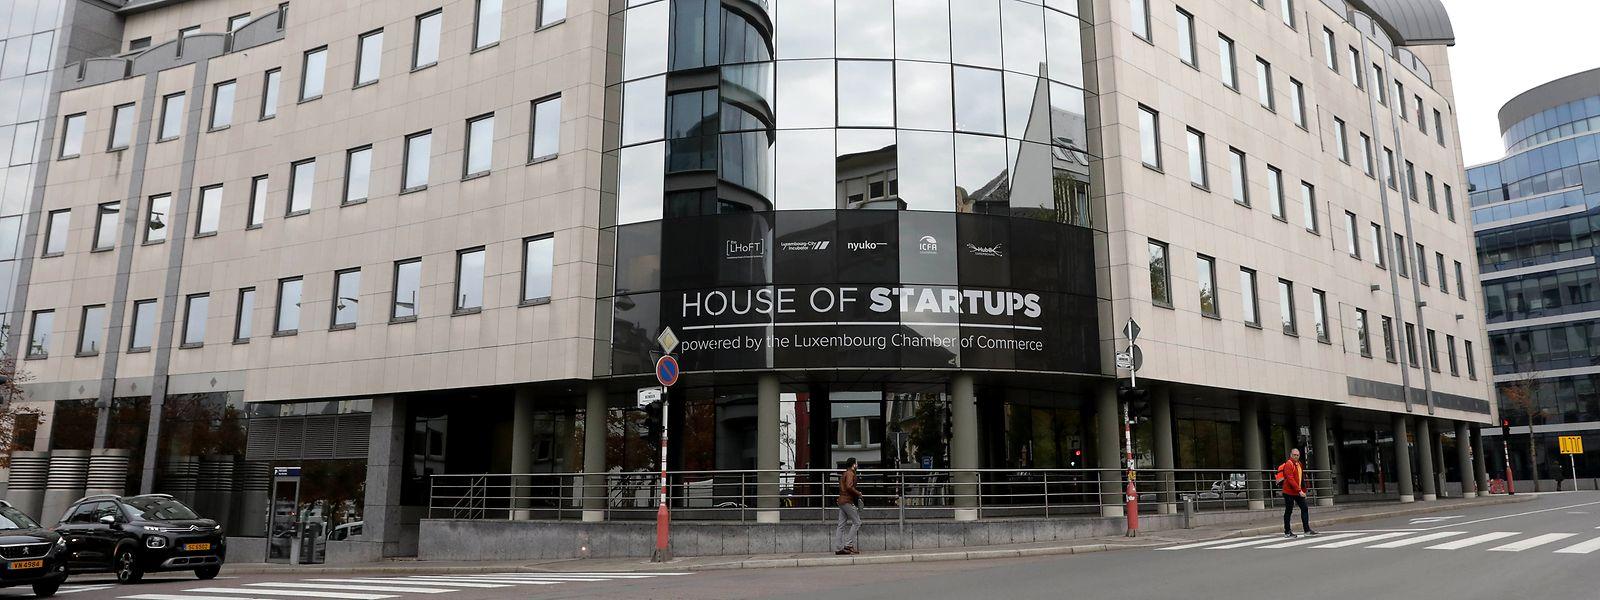 Nicht zu übersehen: In der Rue du Laboratoire in Luxemburg-Stadt befindet sich das fünfstöckige House of Startups.